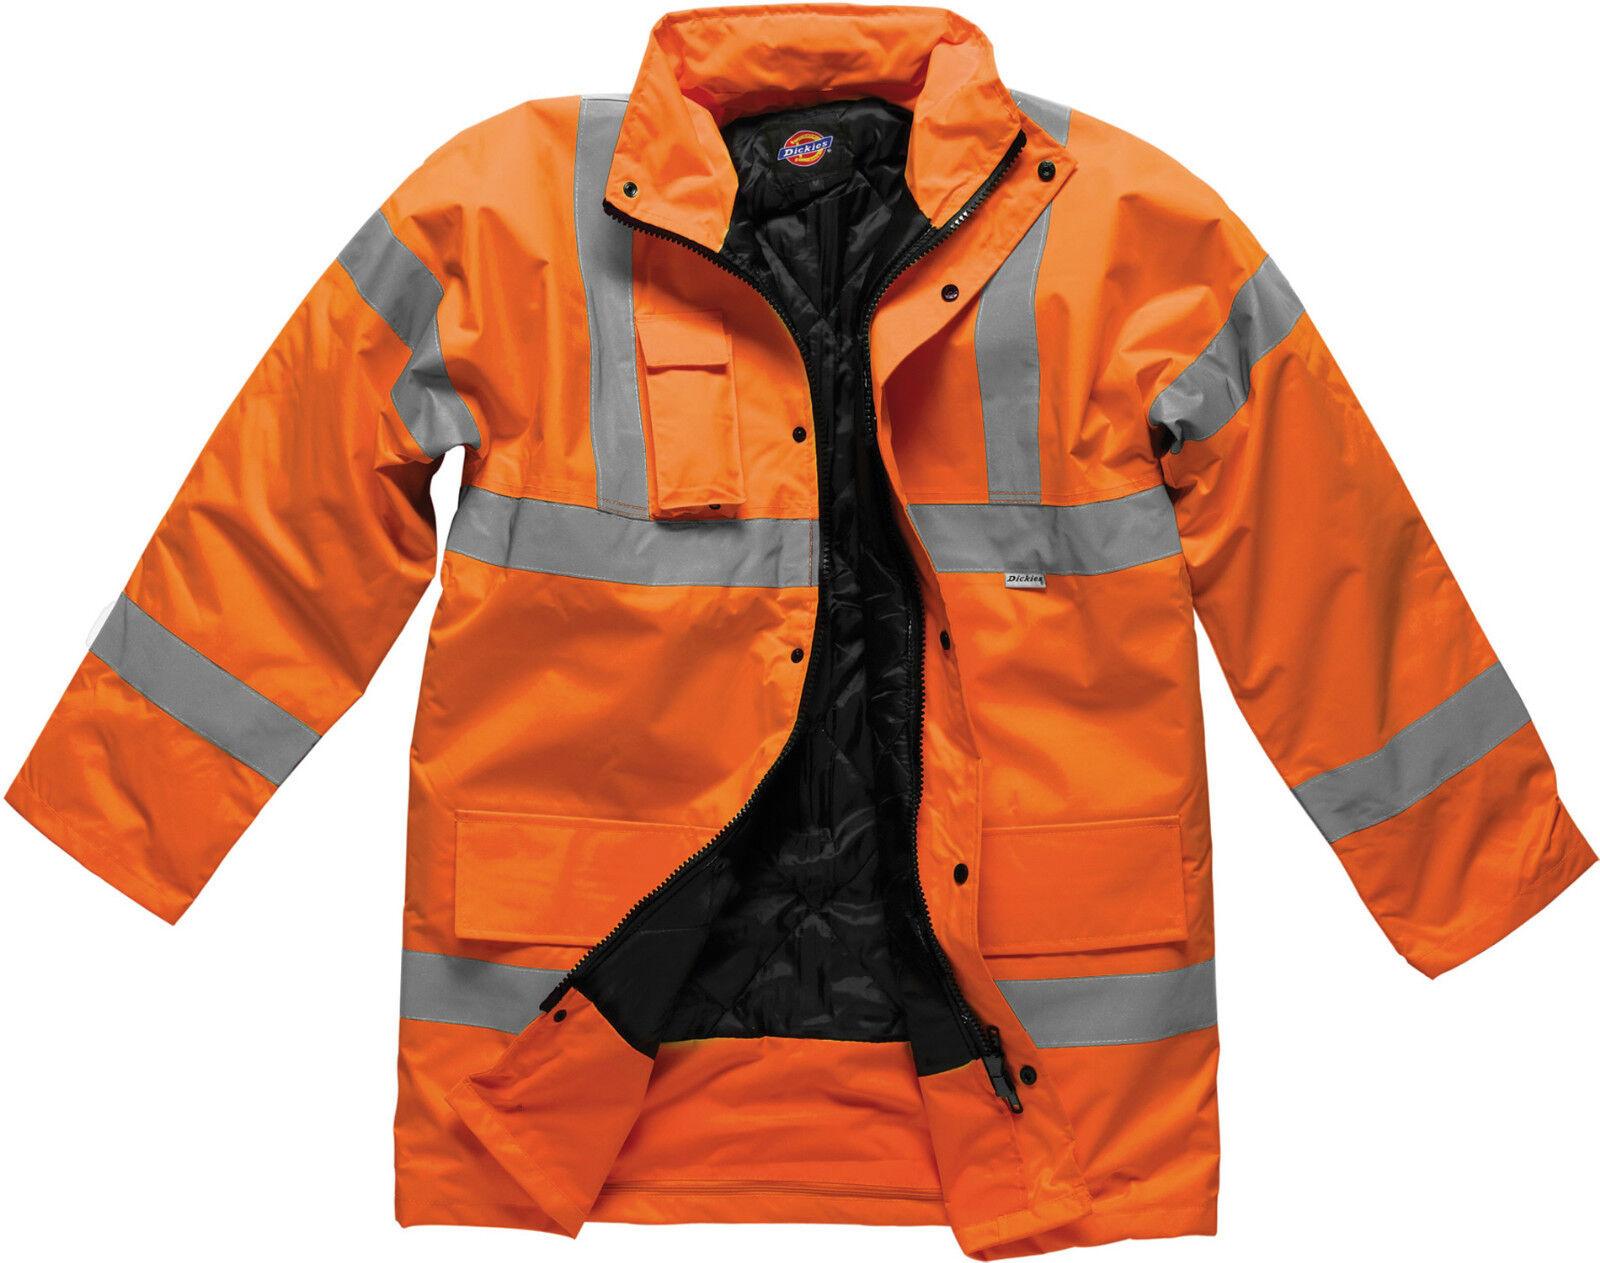 Blouson imperméable de  sécurité Naranja. DSA22045  Todos los productos obtienen hasta un 34% de descuento.